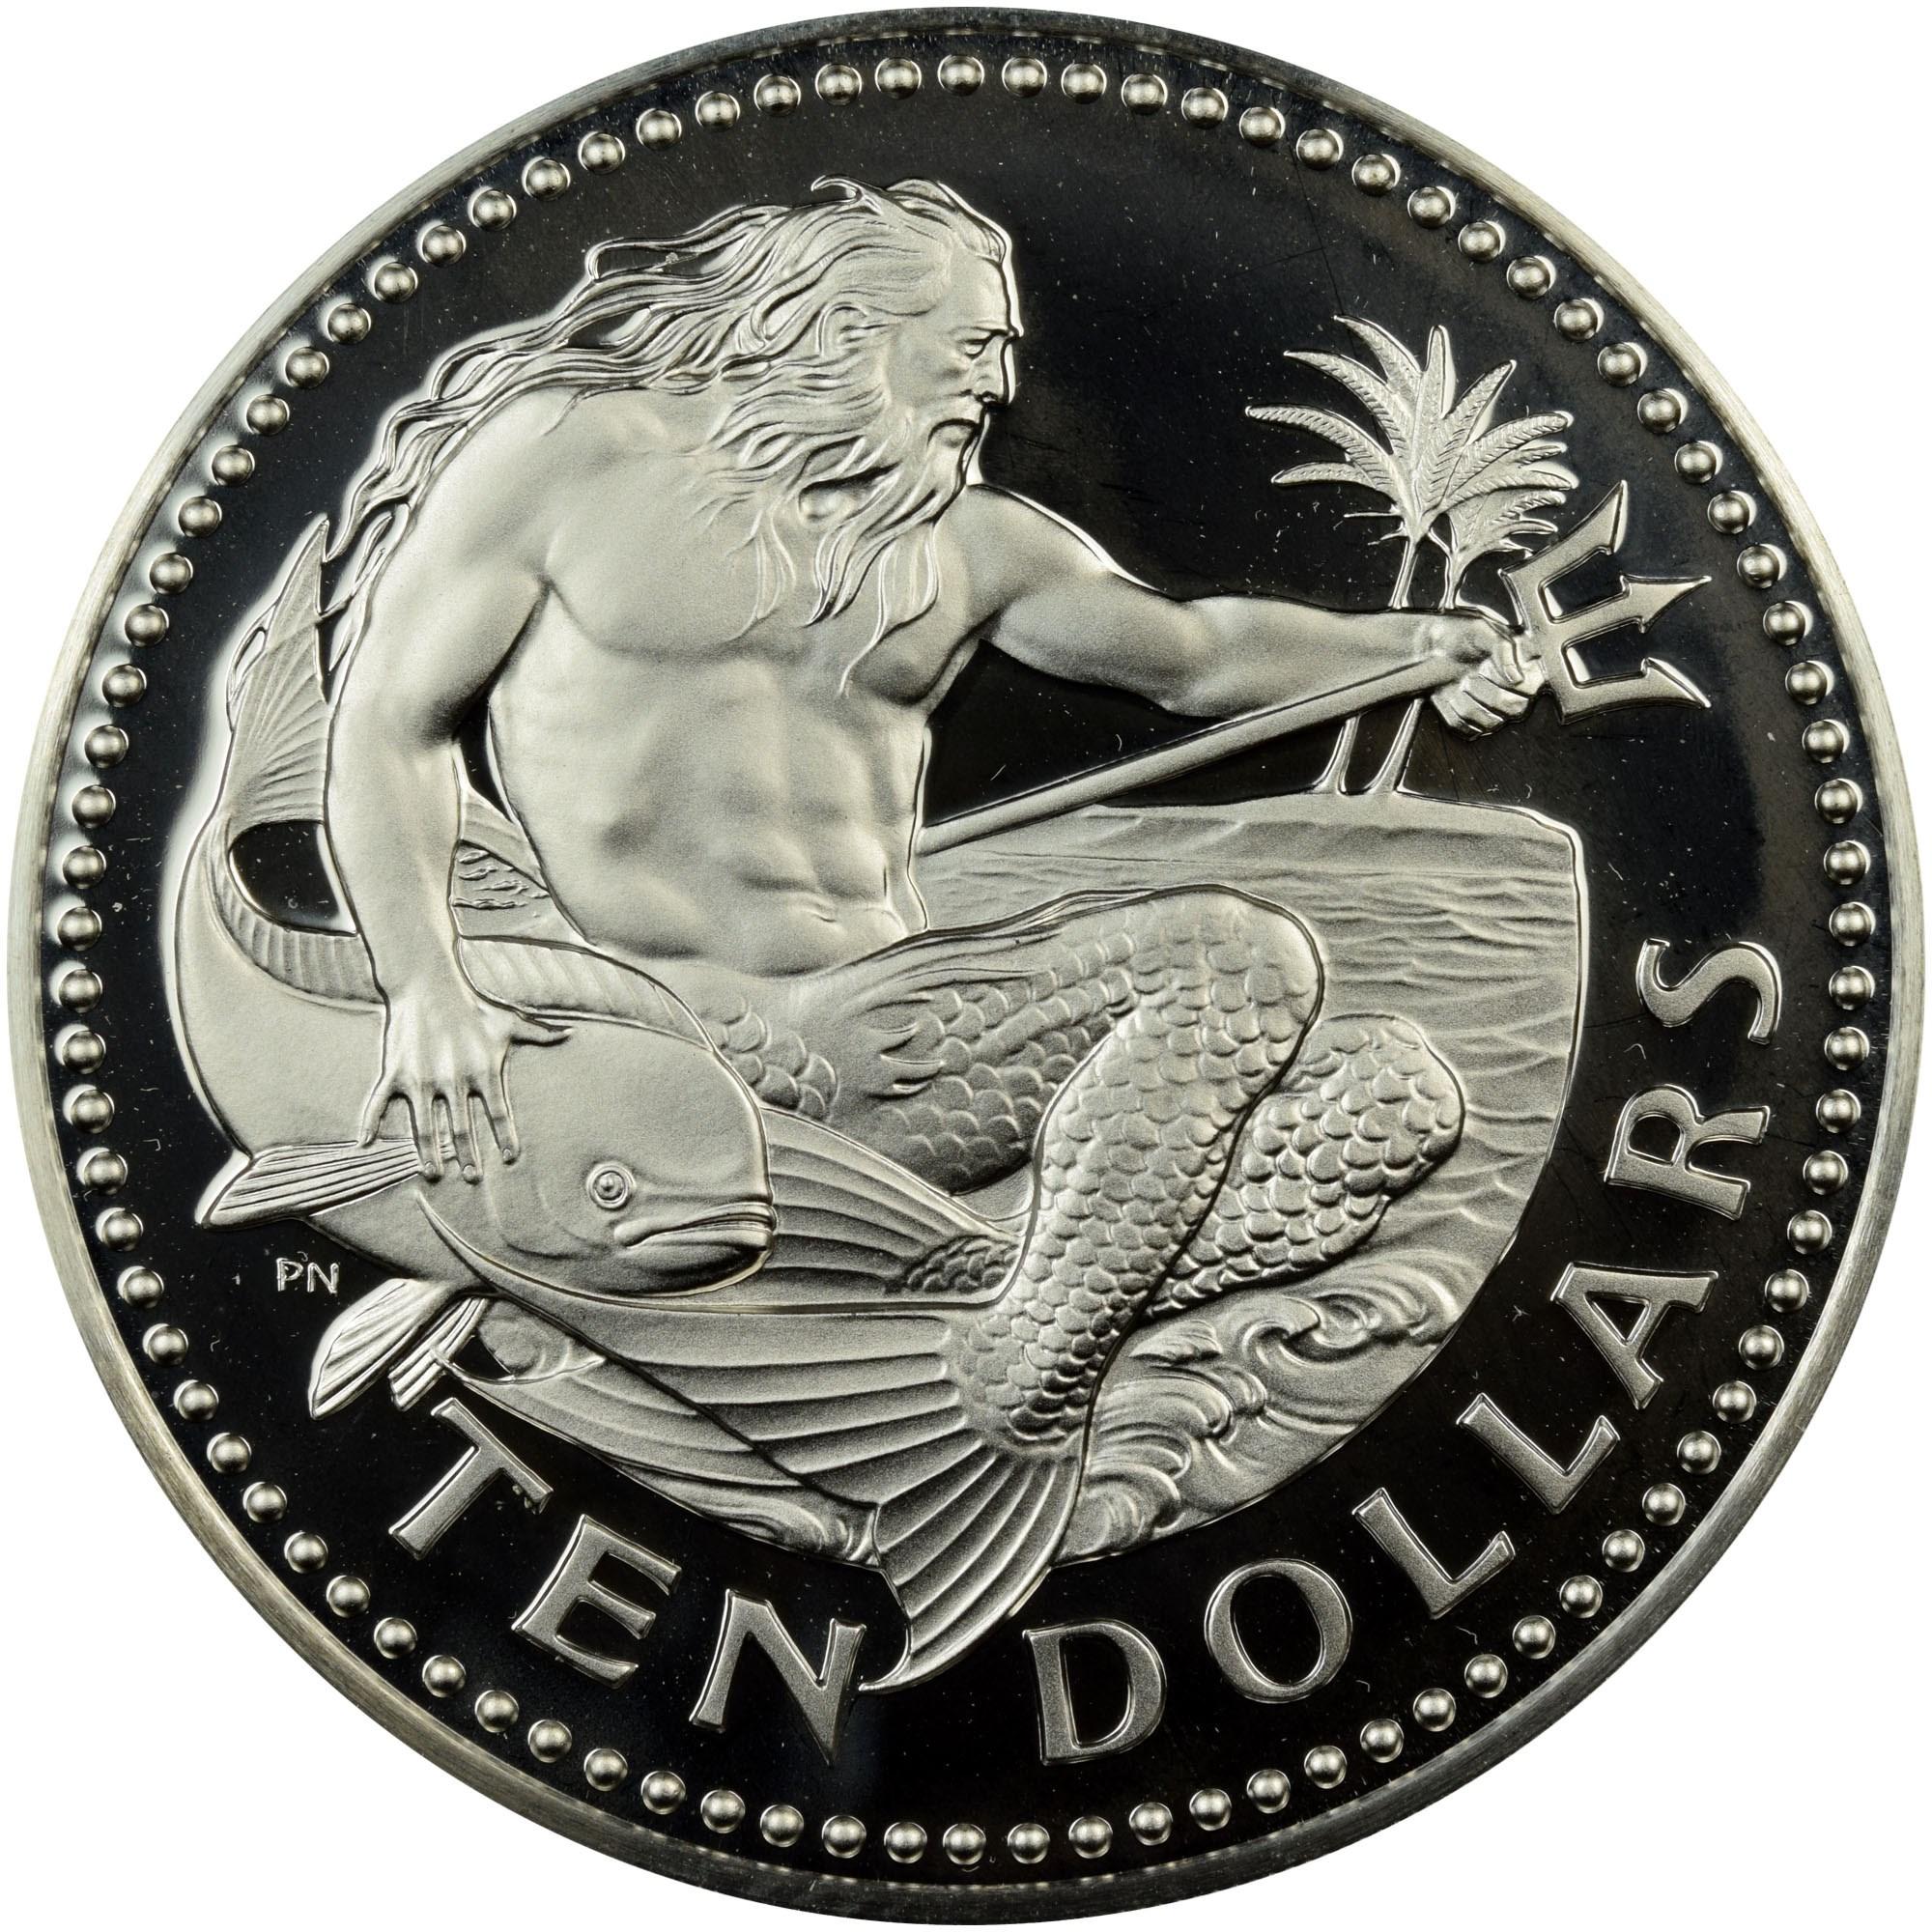 Barbados 10 Dollars reverse